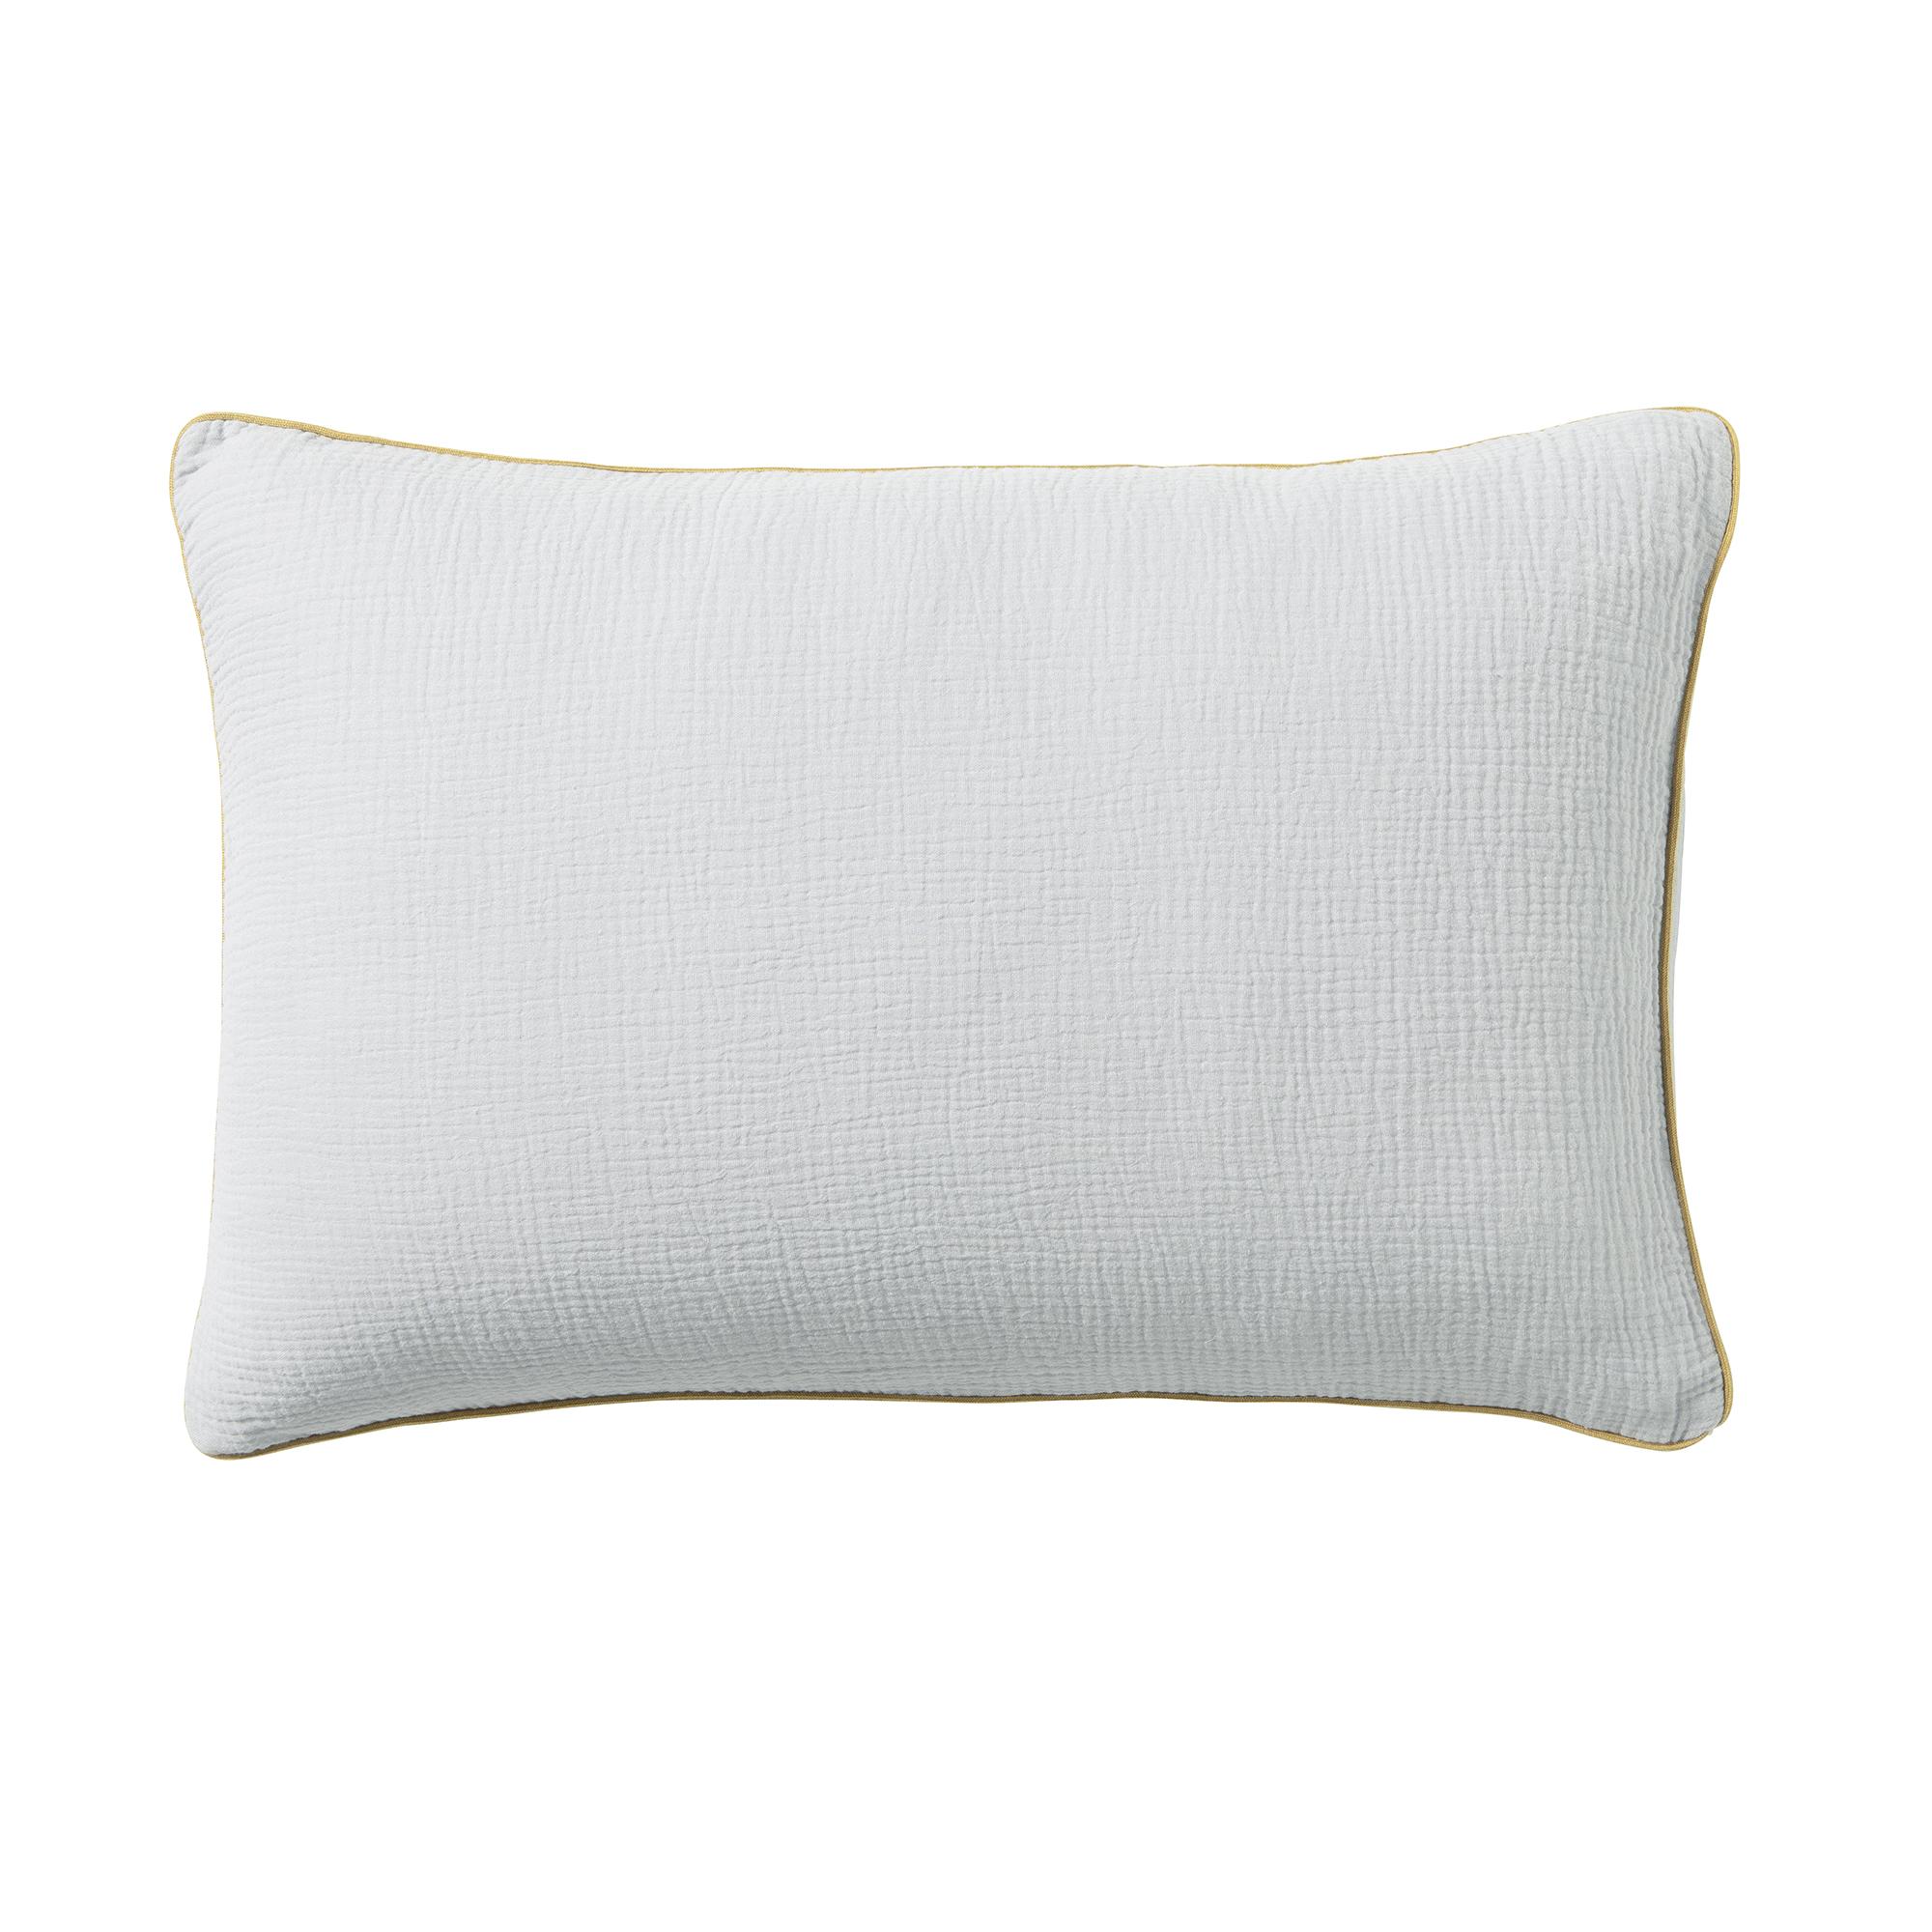 Housse de coussin en coton lavée 40x60